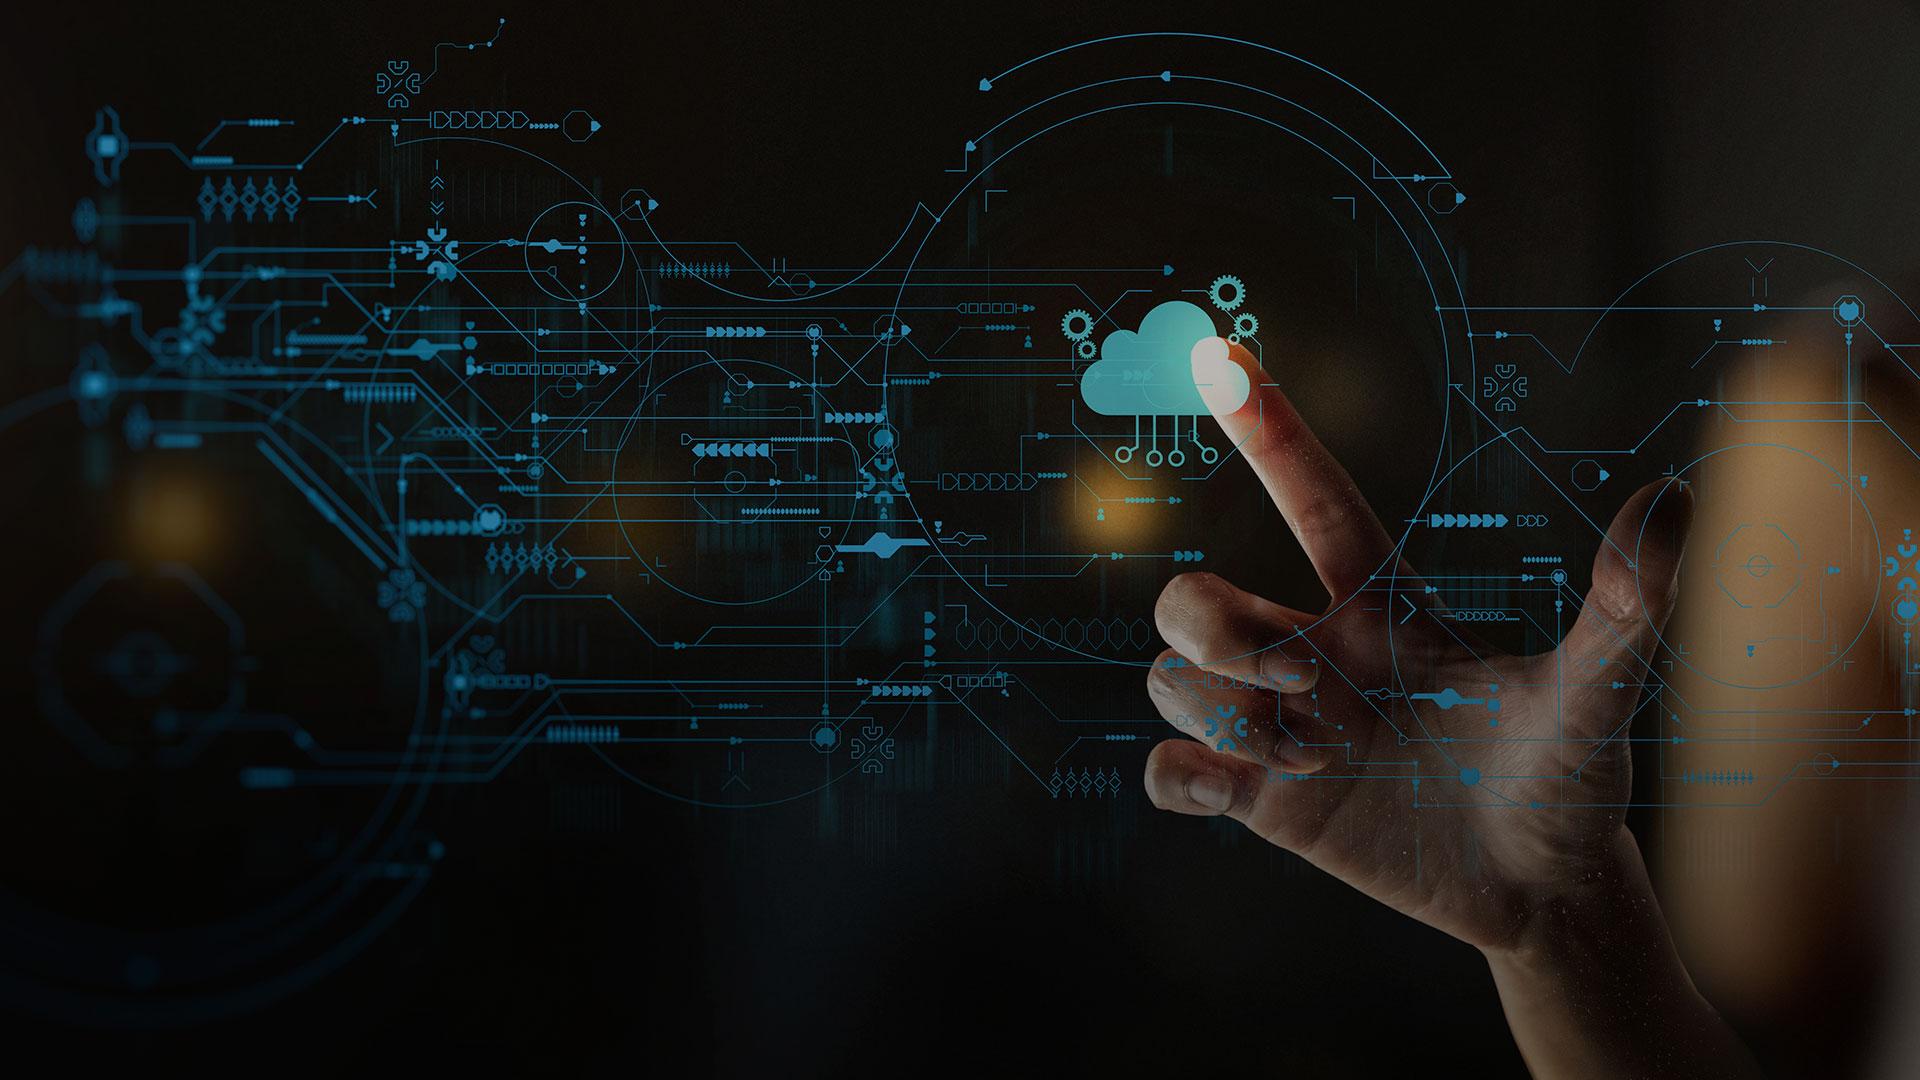 Gestão em cloud: soluções modernas se destacam cada vez mais